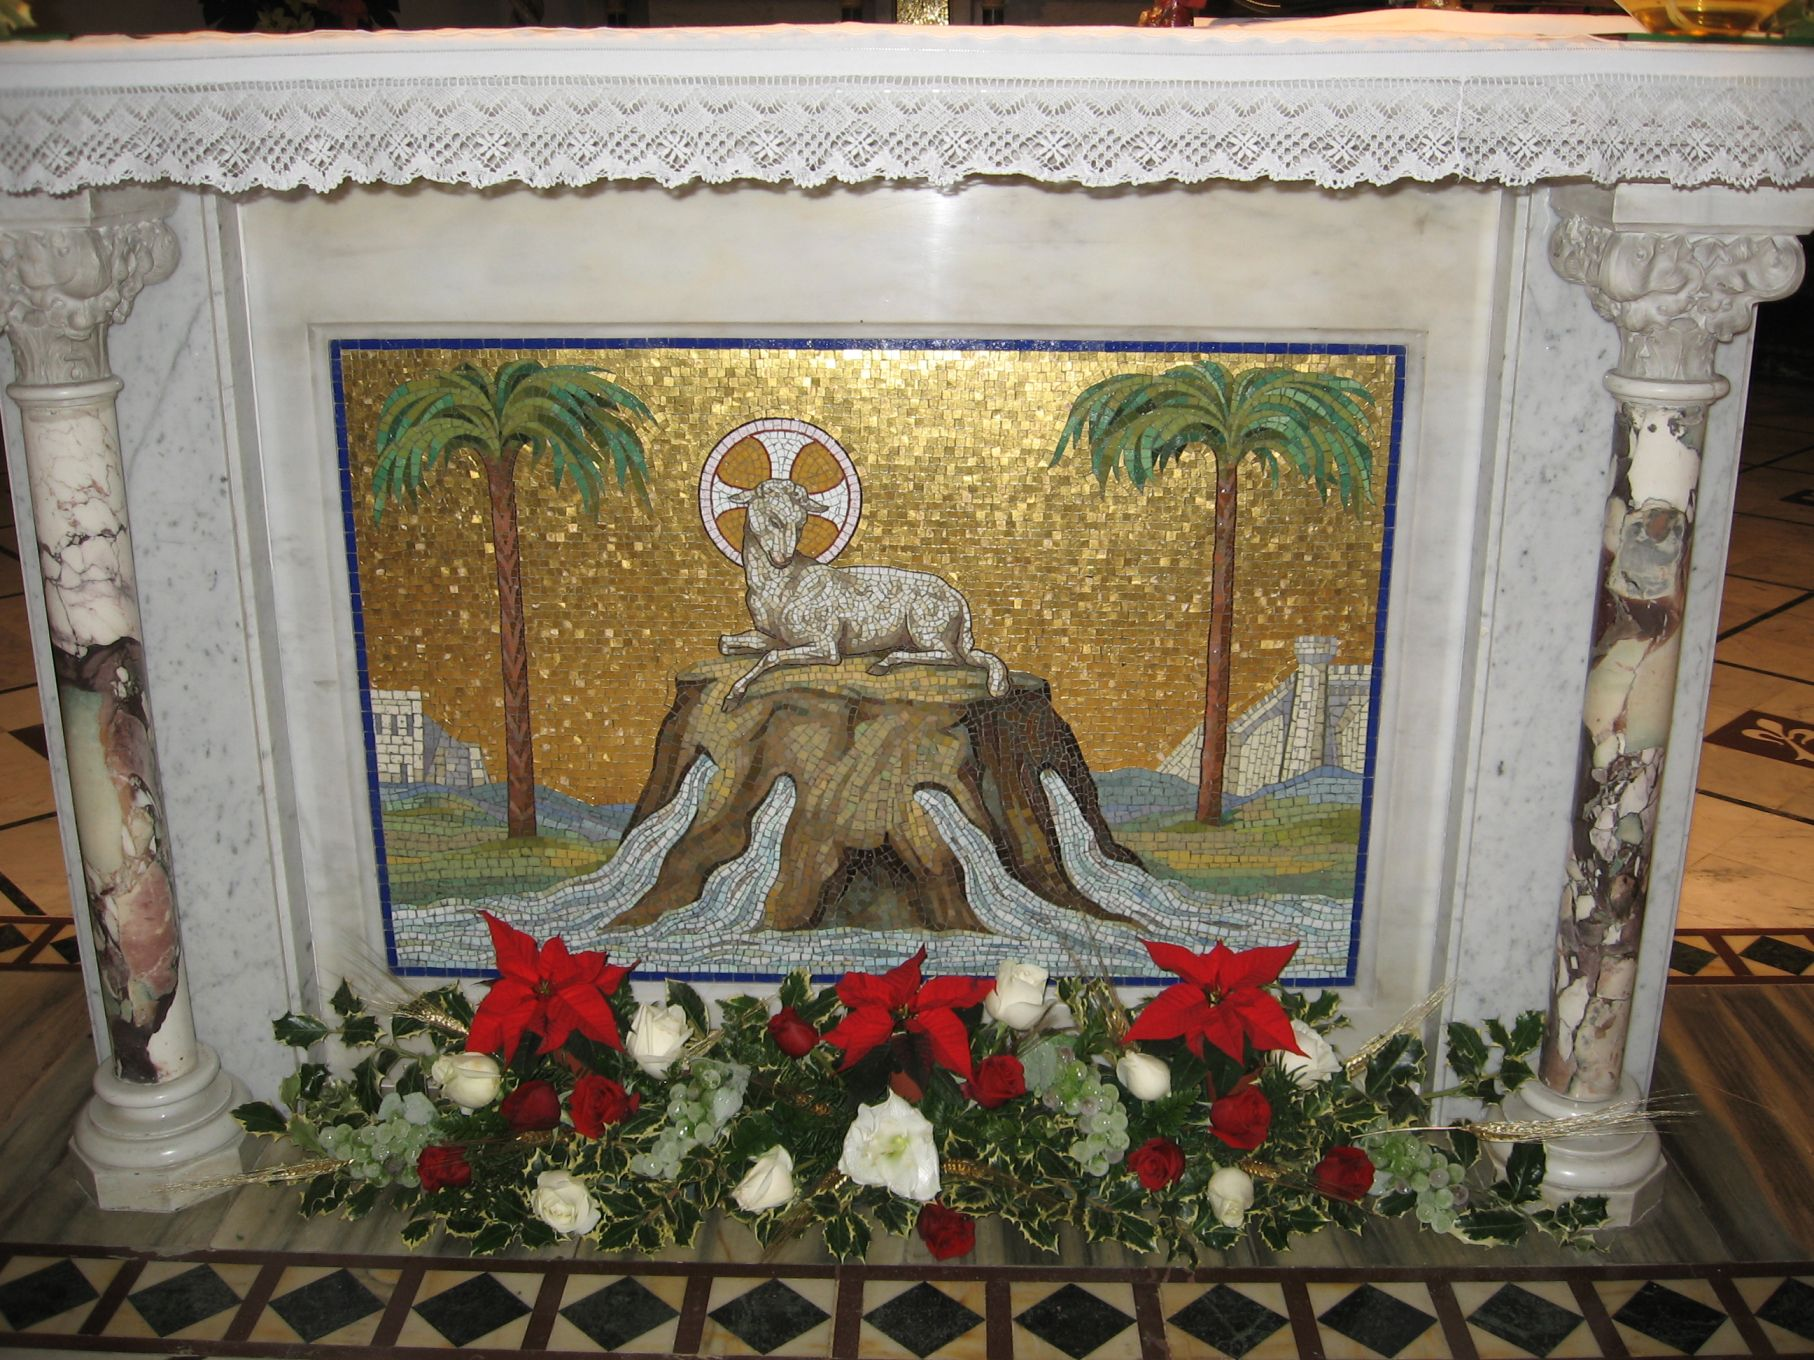 Chiesa_decorazioni-2008-12-26--10.38.25.jpg